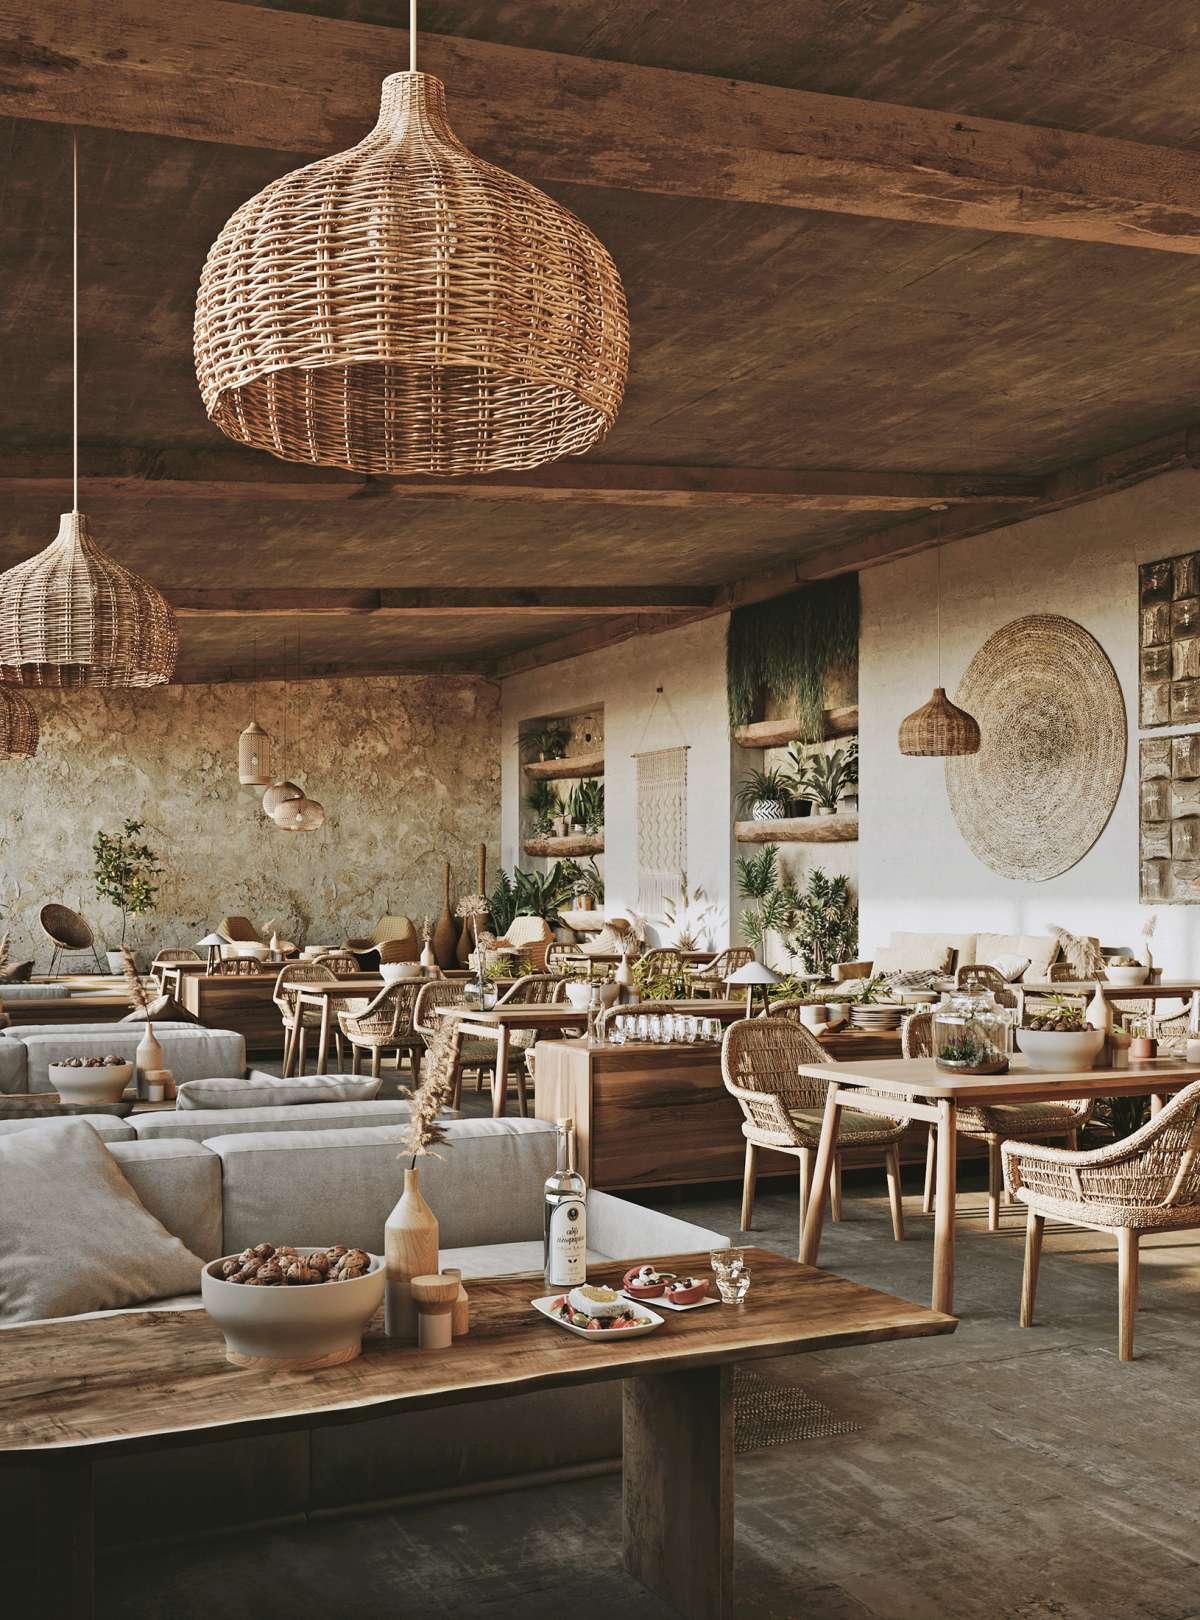 greek restaurant in milos 3d renderings